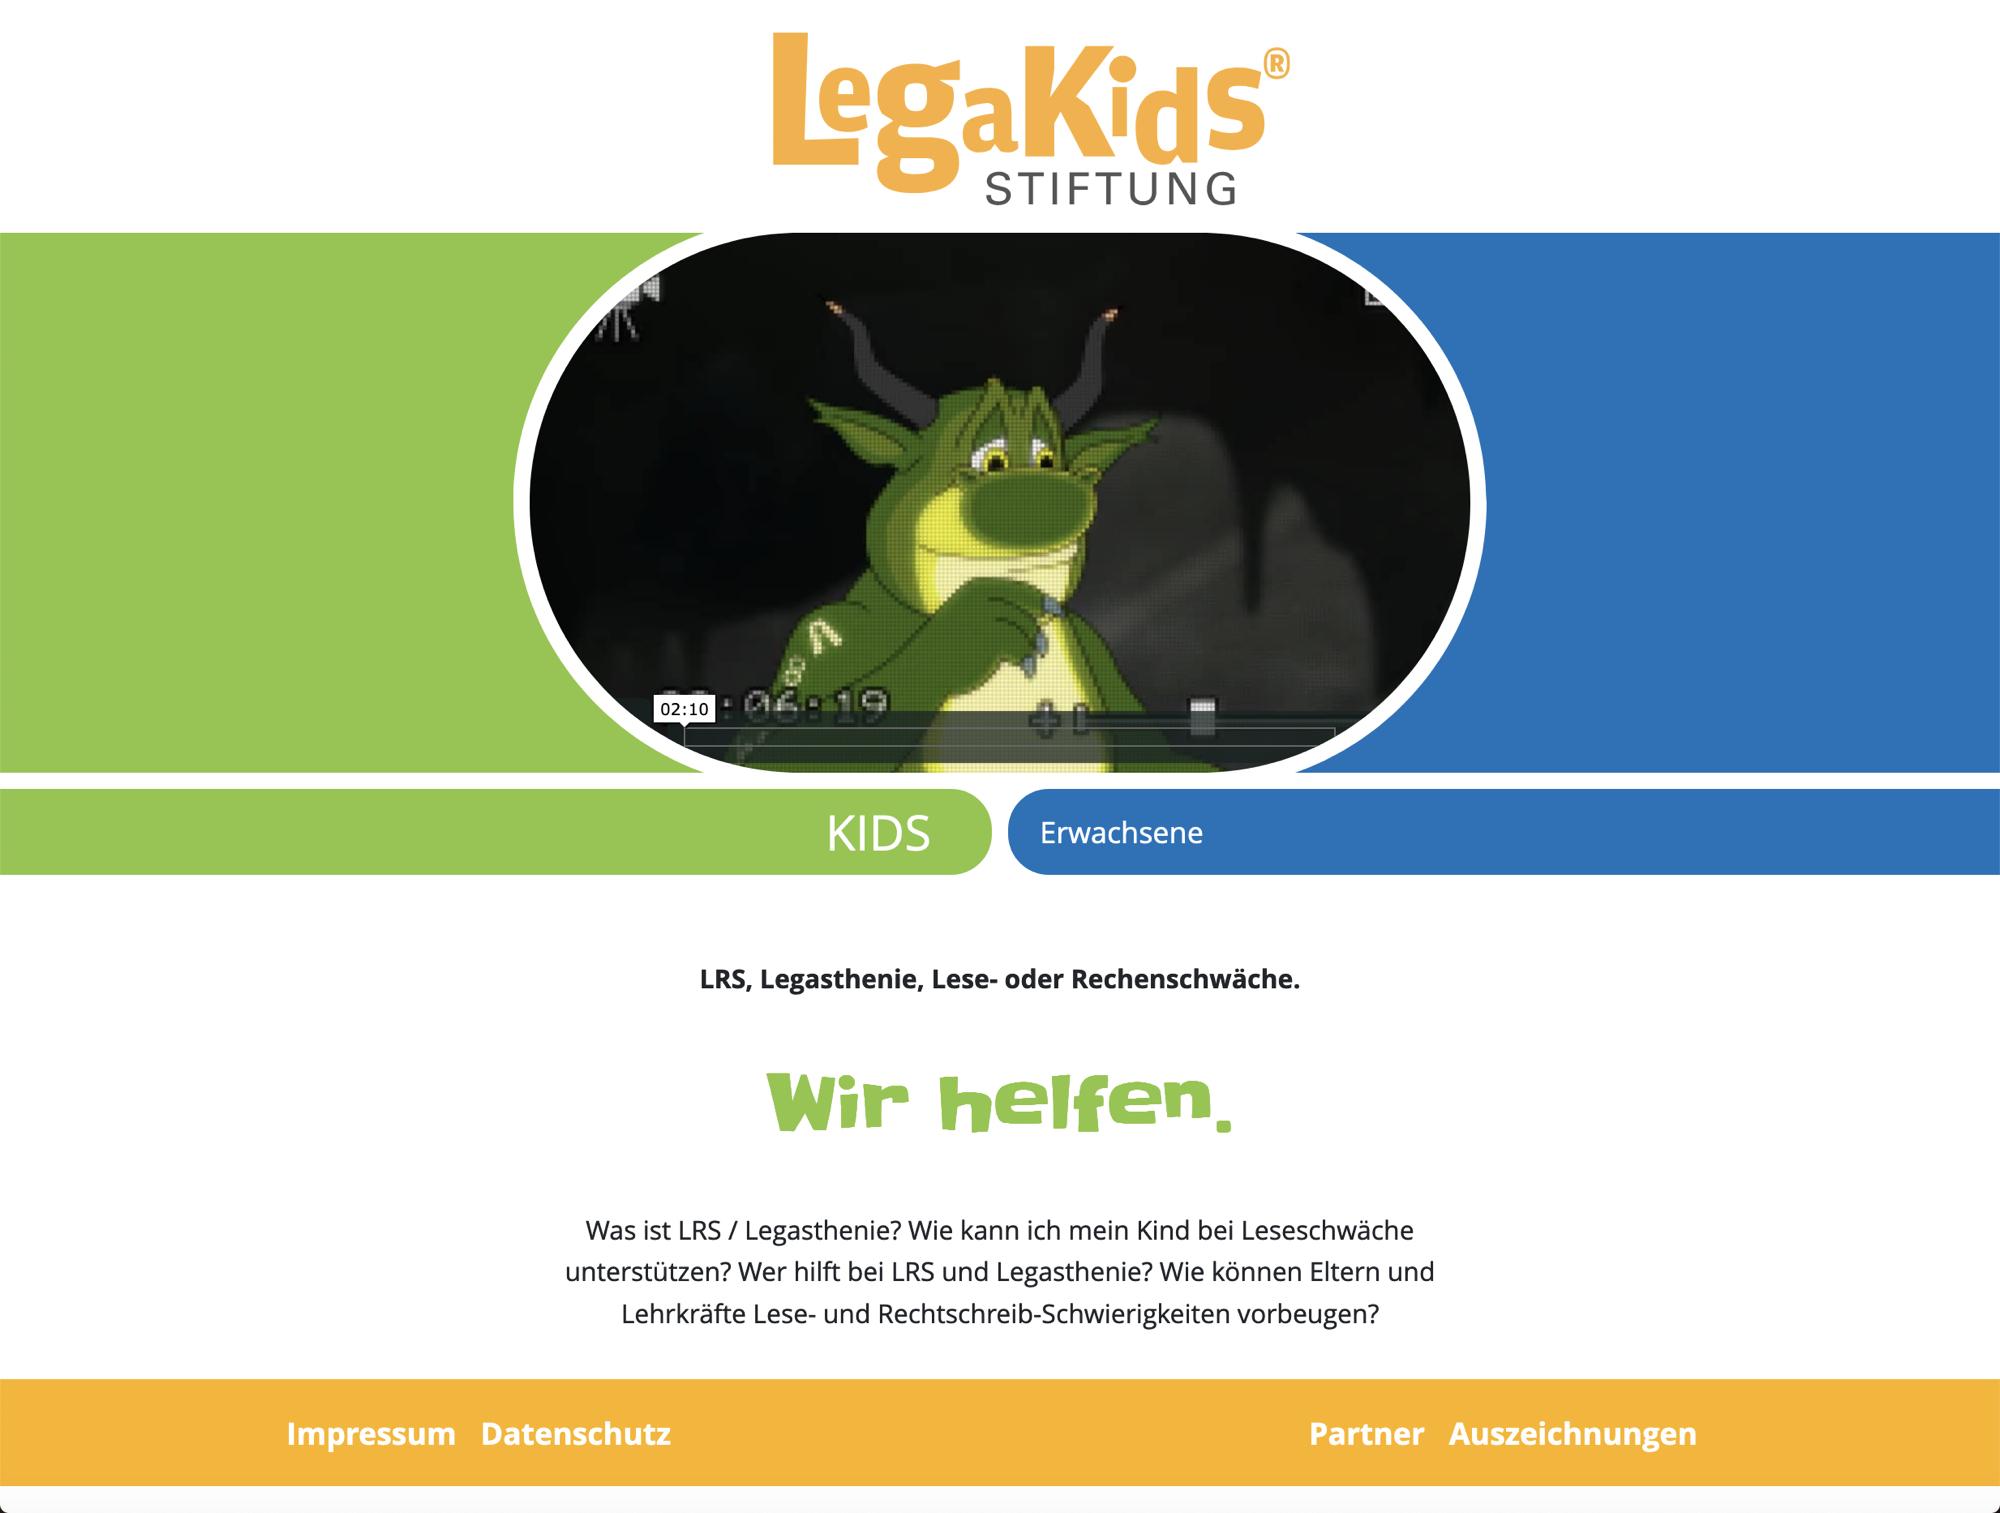 Hilfe bei LRS und Legasthenie